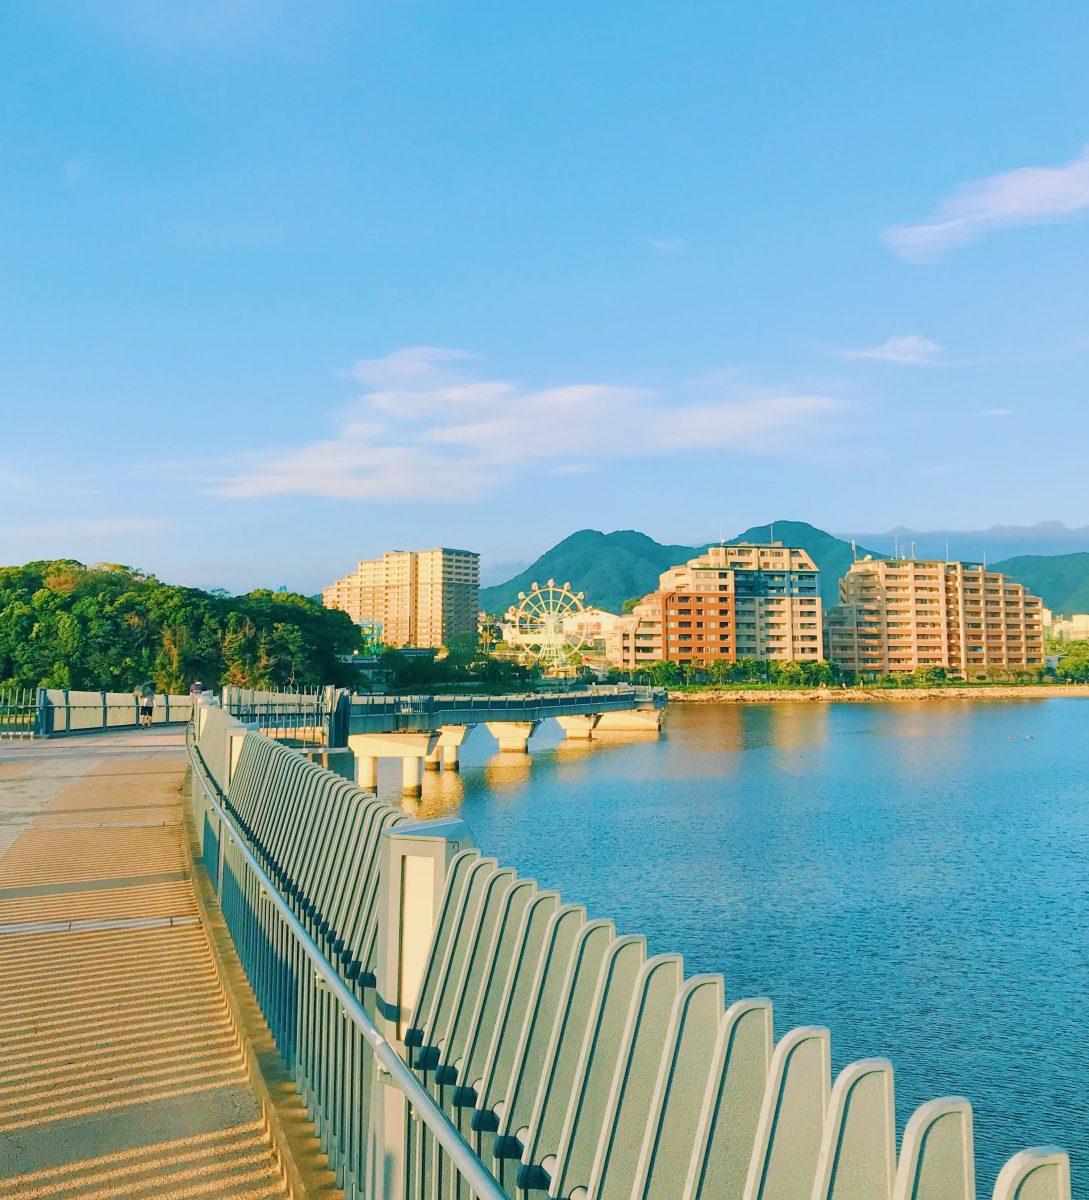 View of Fukuoka city from